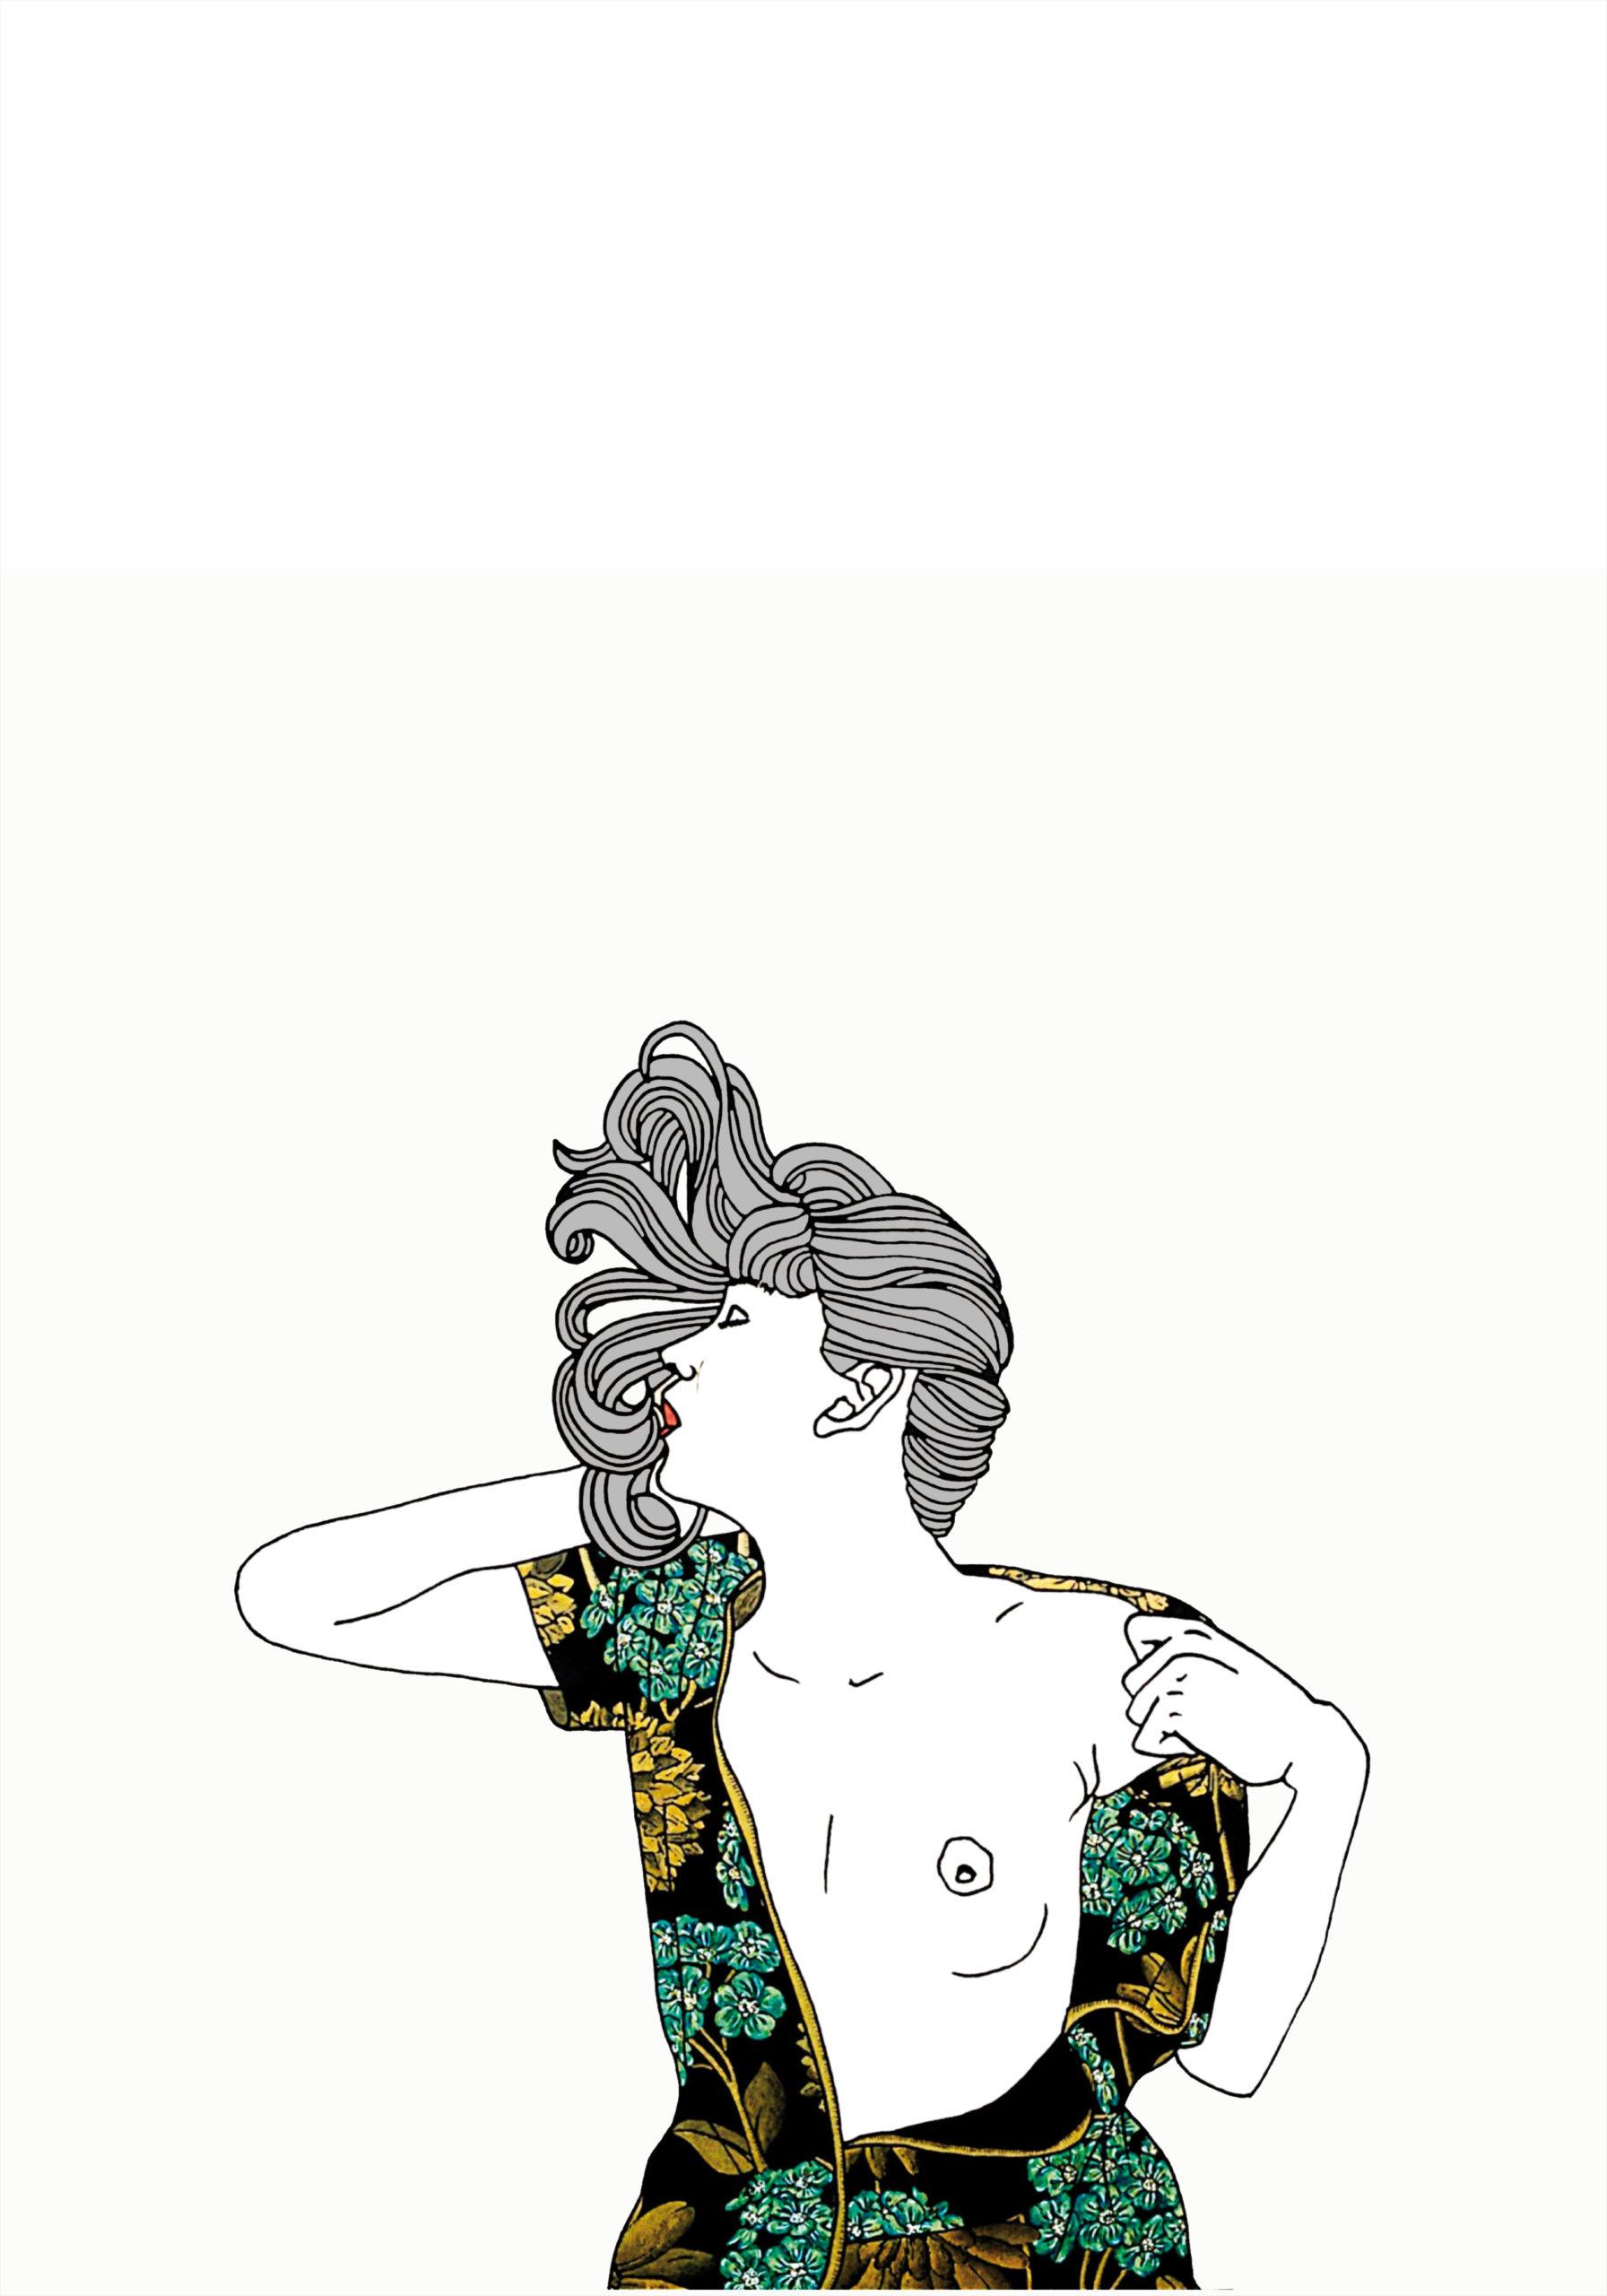 Bertrand Robert [ à corps ] perdu, pièce sonore, 2020 Série [ états ] Amoureux Papier Vinci, offset à chaud, crayon de couleur, graphite, rollers or-argent-blanc, néocolor, 70 cm x 100 cm, Courtesy Ségolène Brossette Galerie